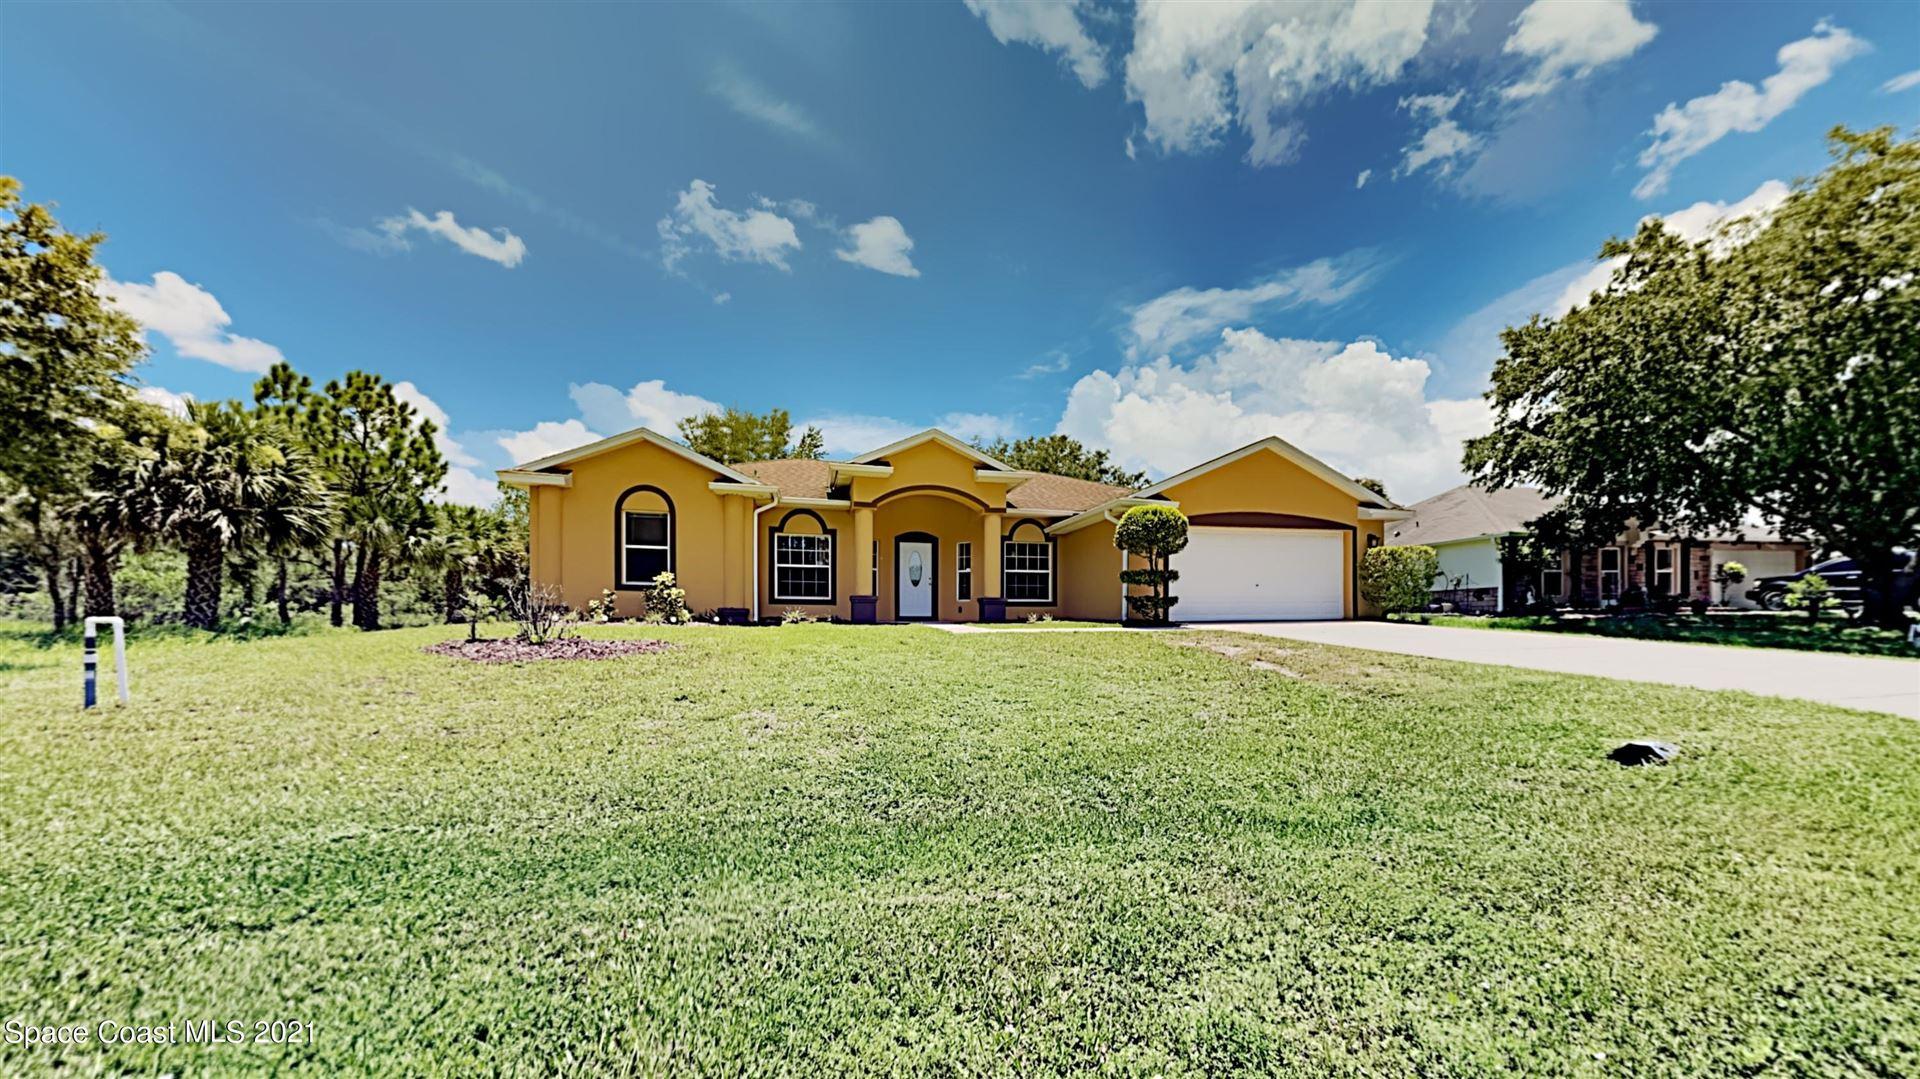 2845 Tishman Road, Palm Bay, FL 32909 - #: 911534